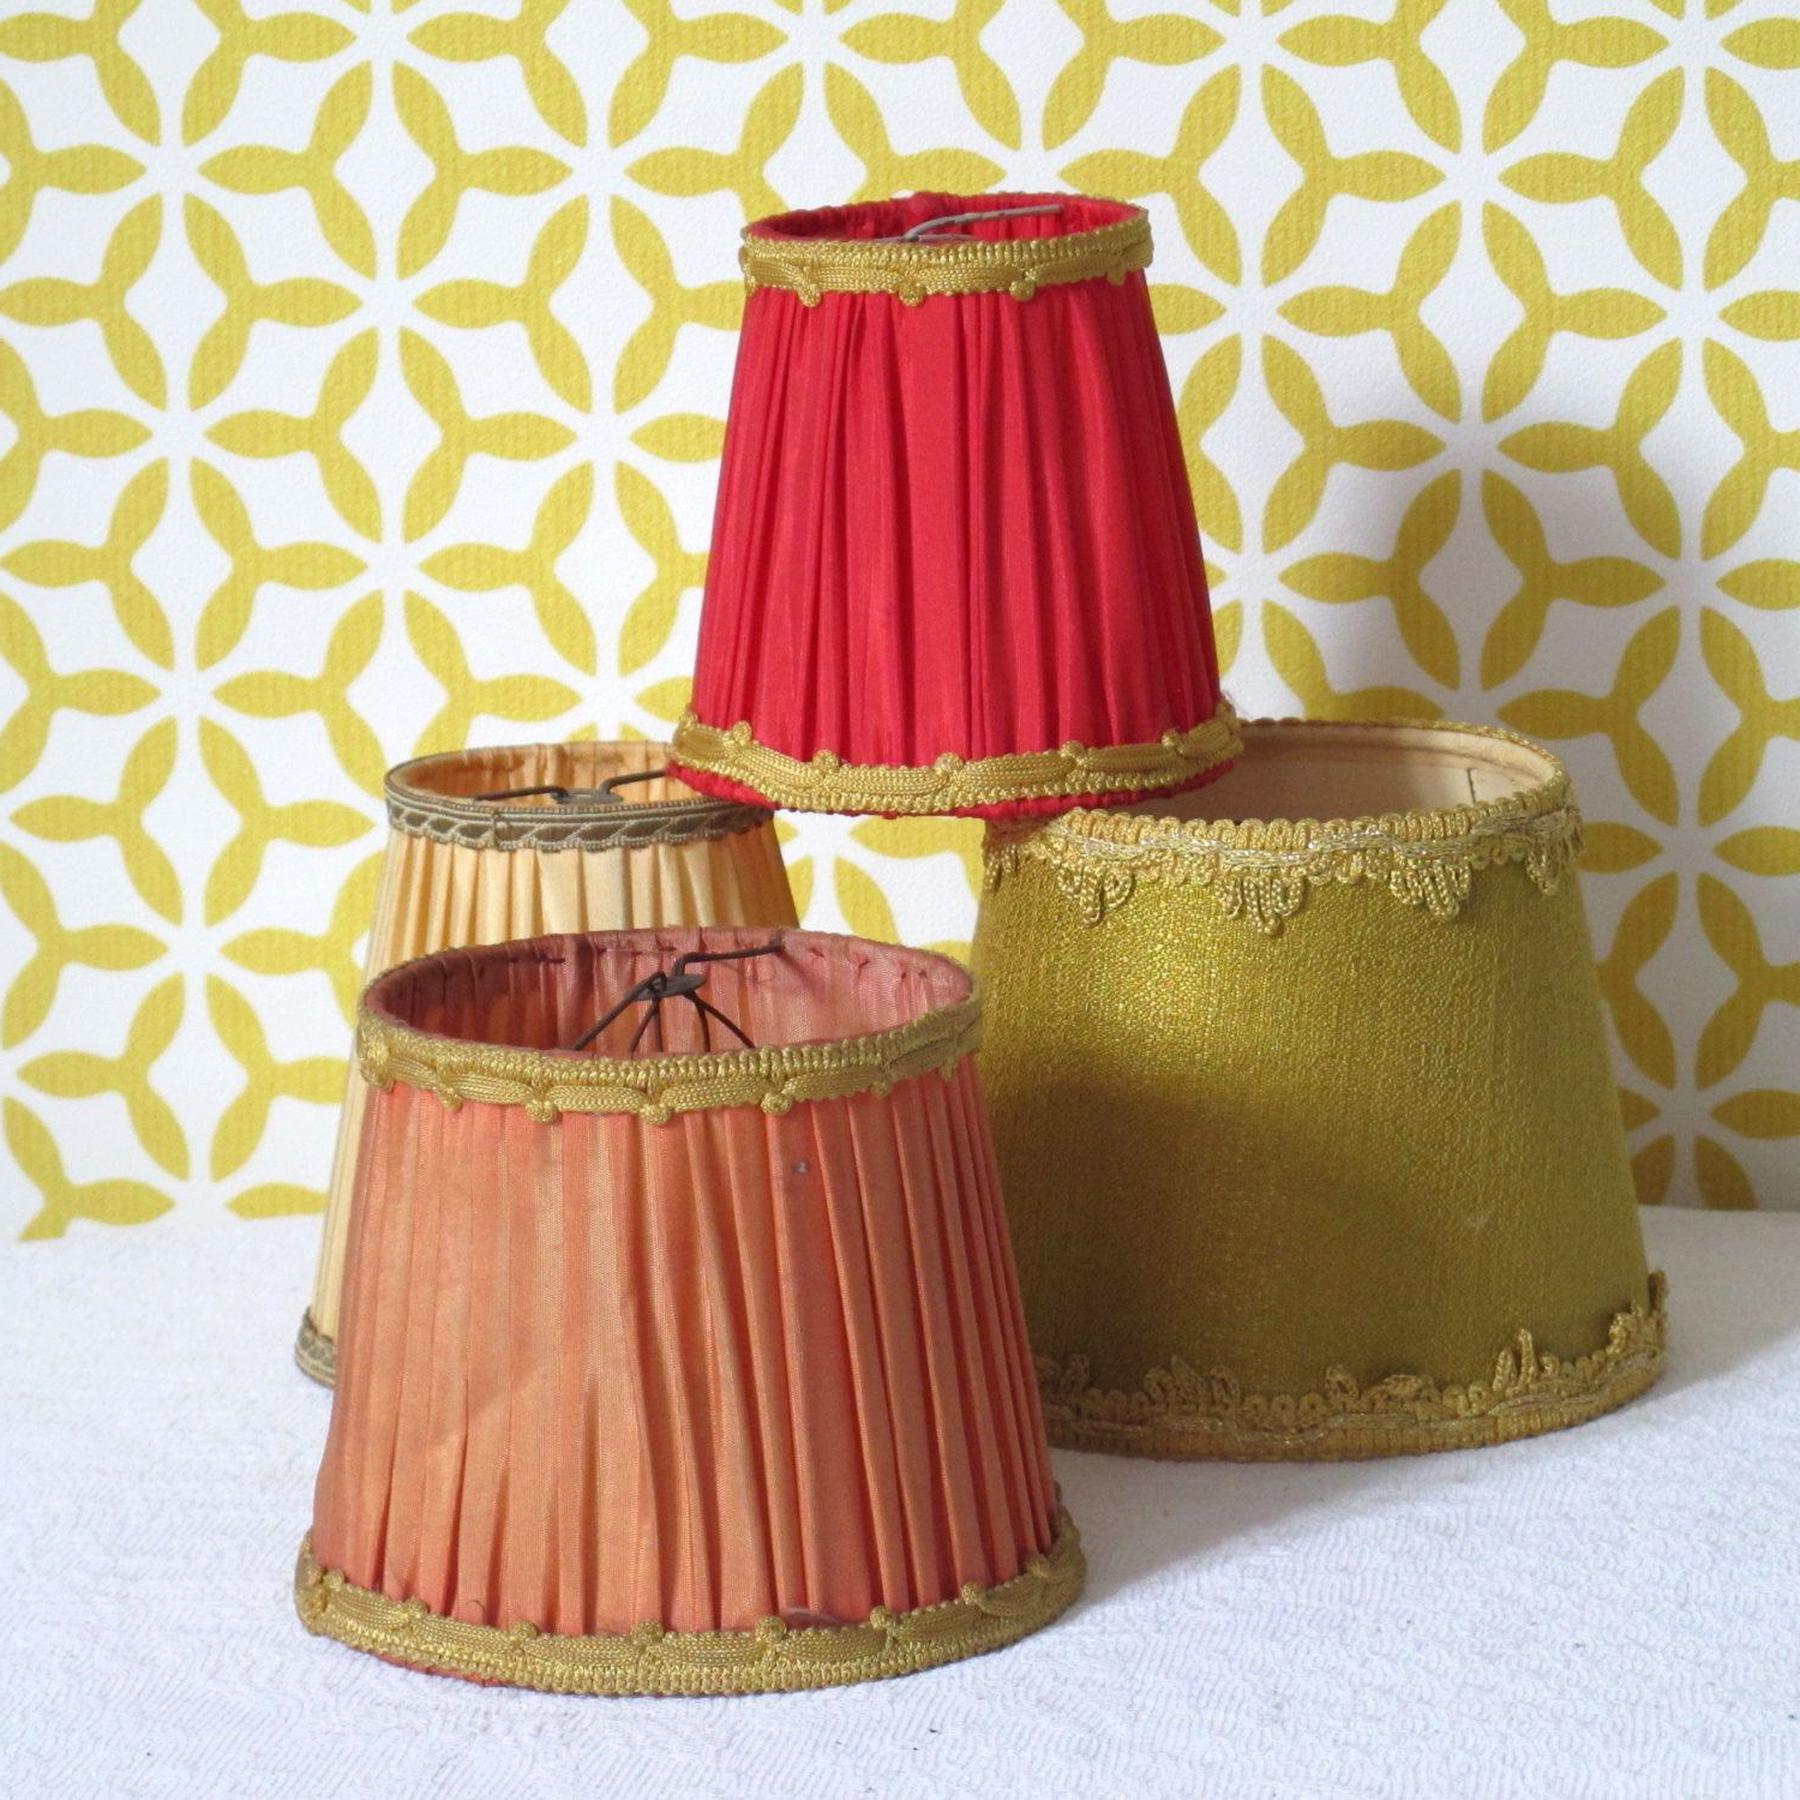 Abat Jour Vintage.Abat Jour Eclairage Interieur Style Vintage Sol Abat Jour